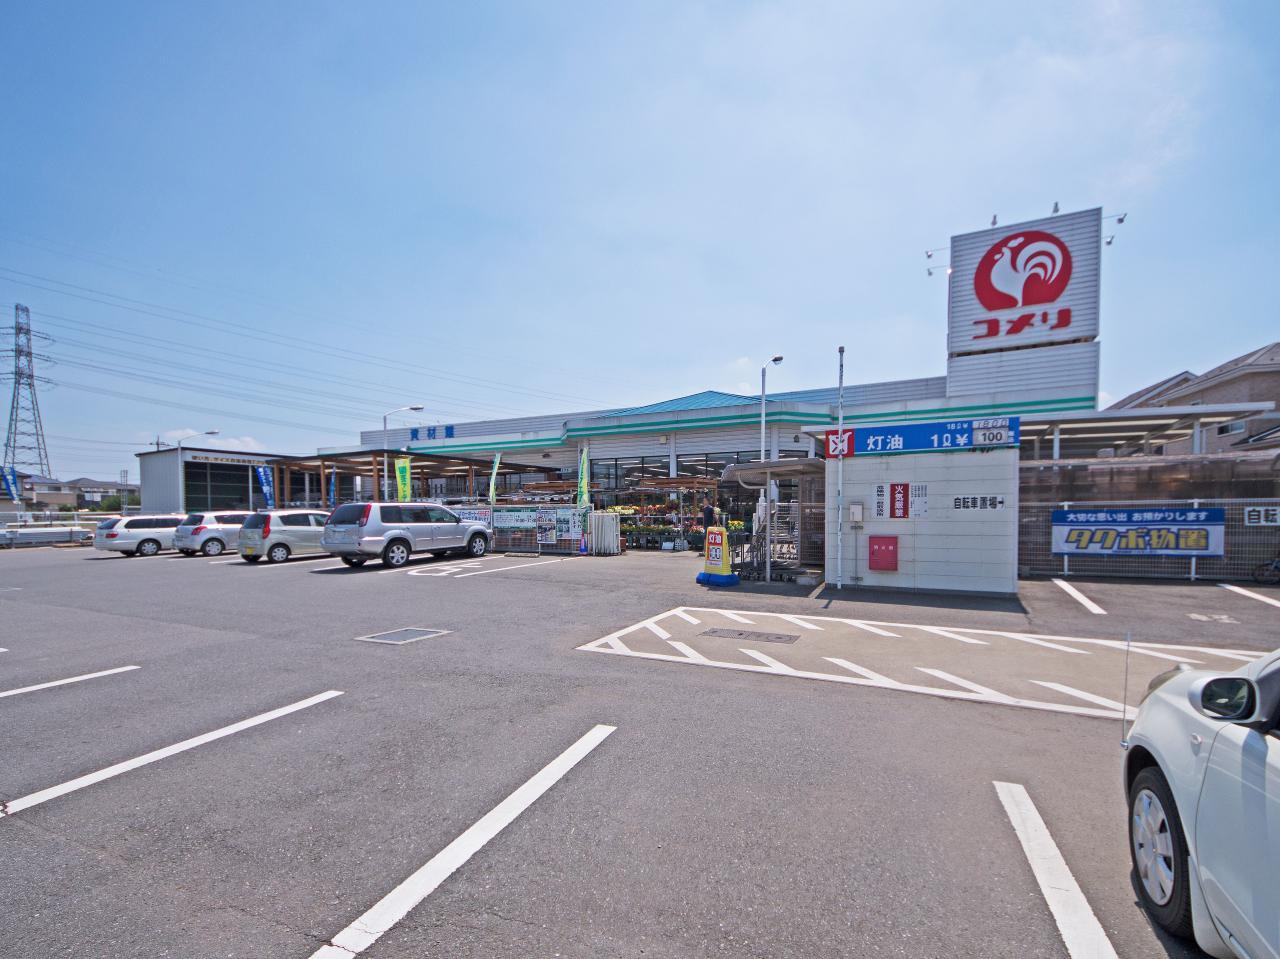 コメリハード&グリーン 豊田店